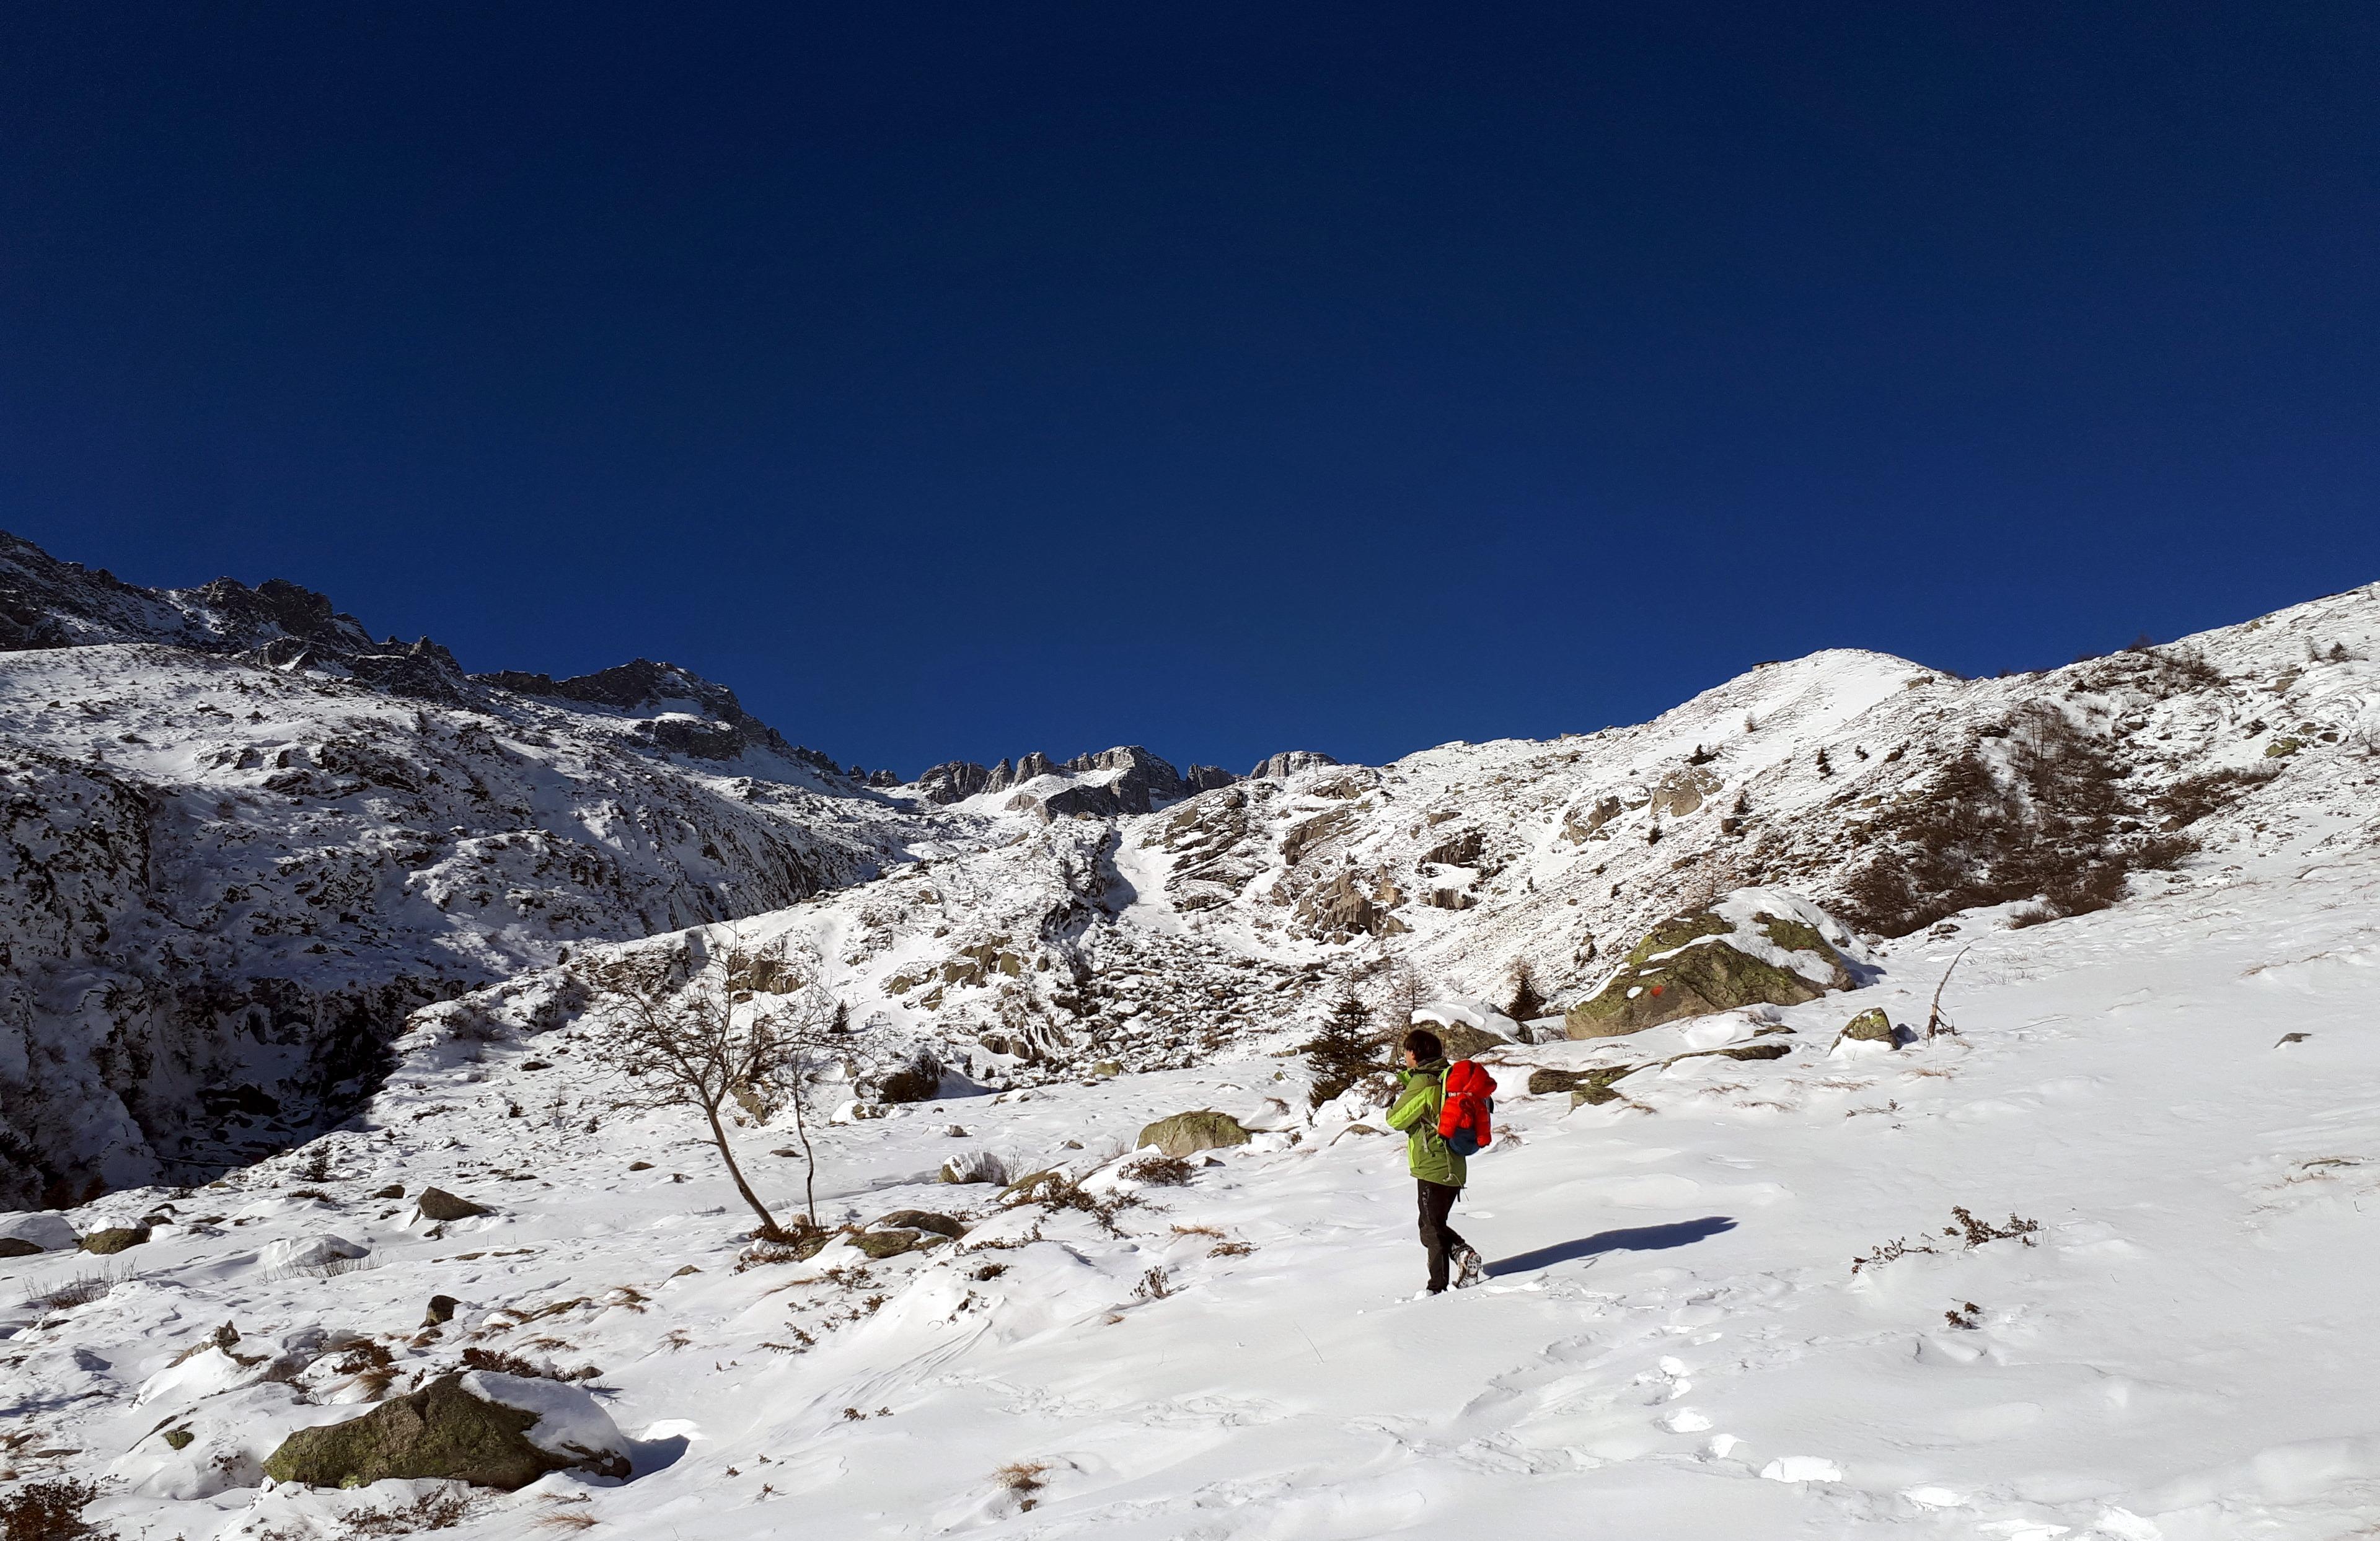 Si intravede la cima Presanella sullo sfondo. Noi intanto iniziamo ad avere la neve fino quasi alle ginocchia